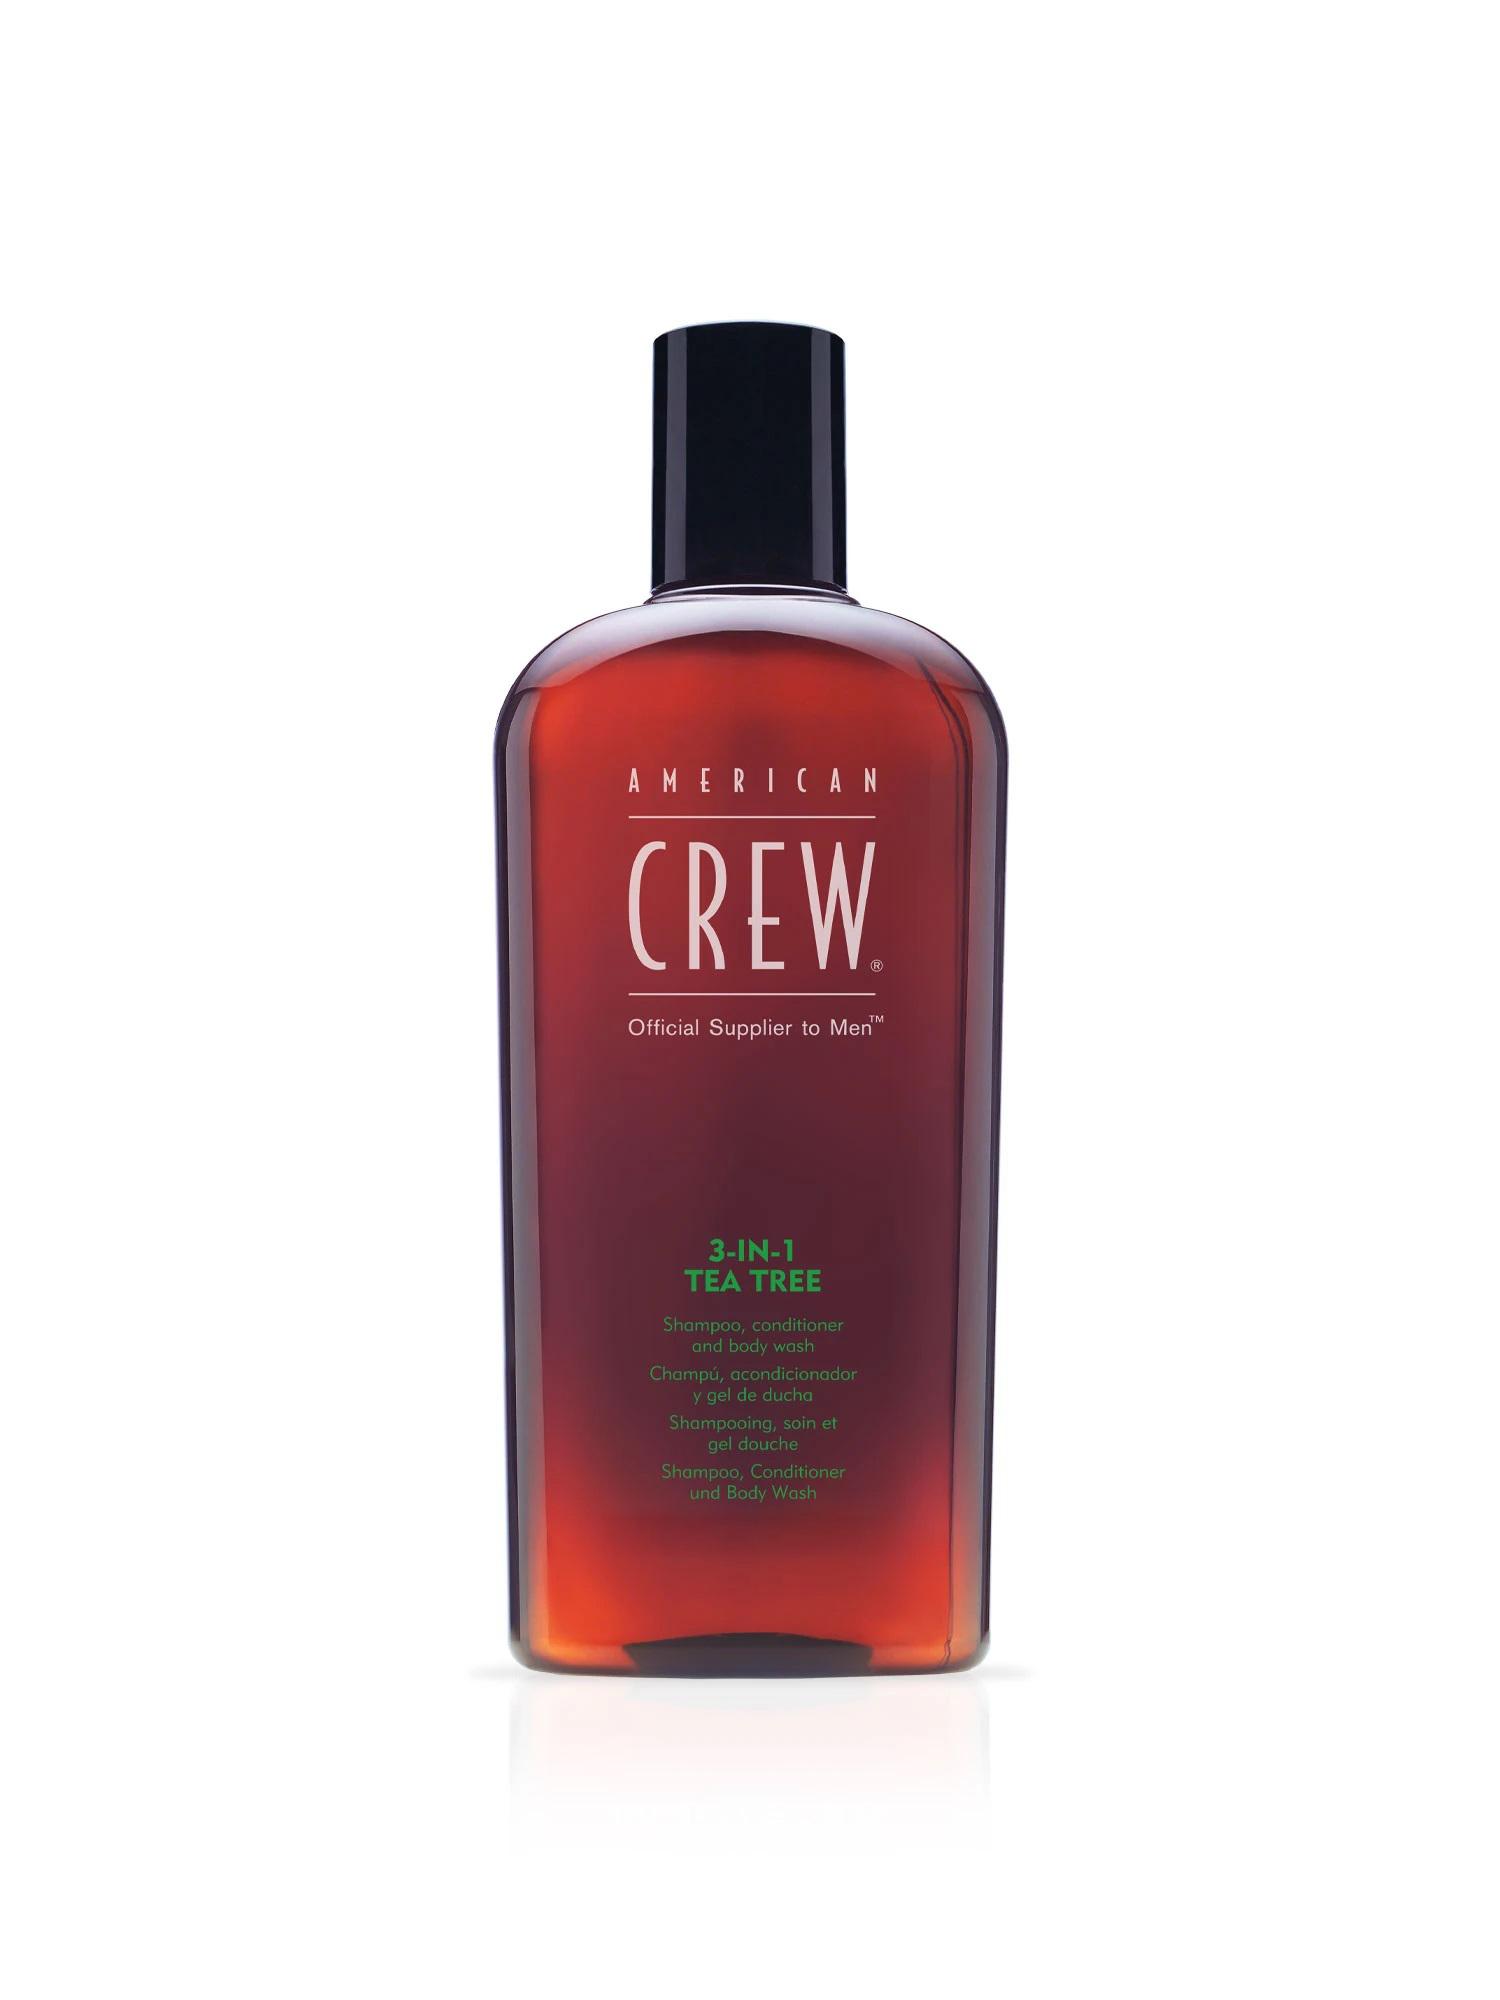 American Crew Tea Tree - 3w1 męski szampon żel pod prysznic i odżywka w jednym 450 ml (1)